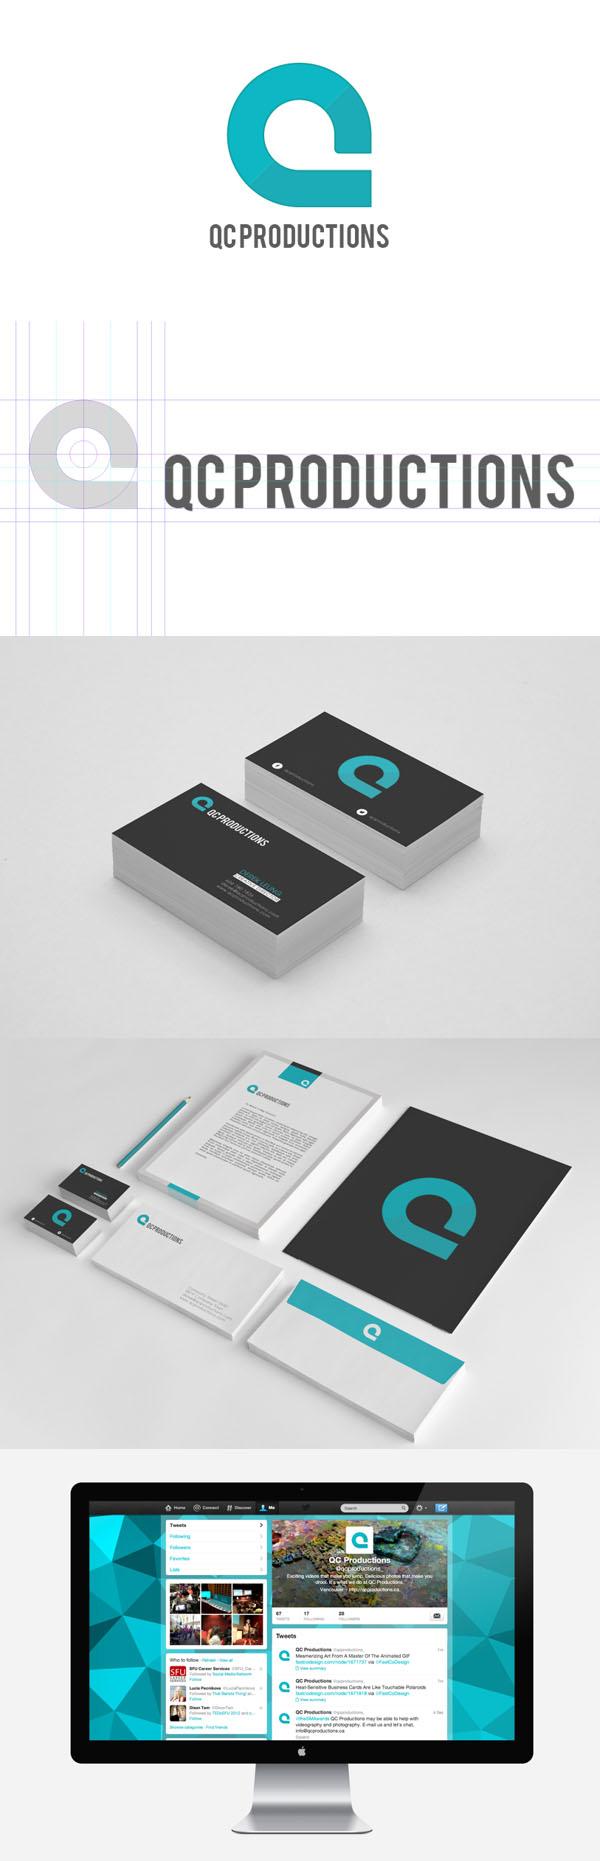 Contoh-Desain-Corporate-Identity-Design-untuk-Branding-Bisnis-Perusahaan-23